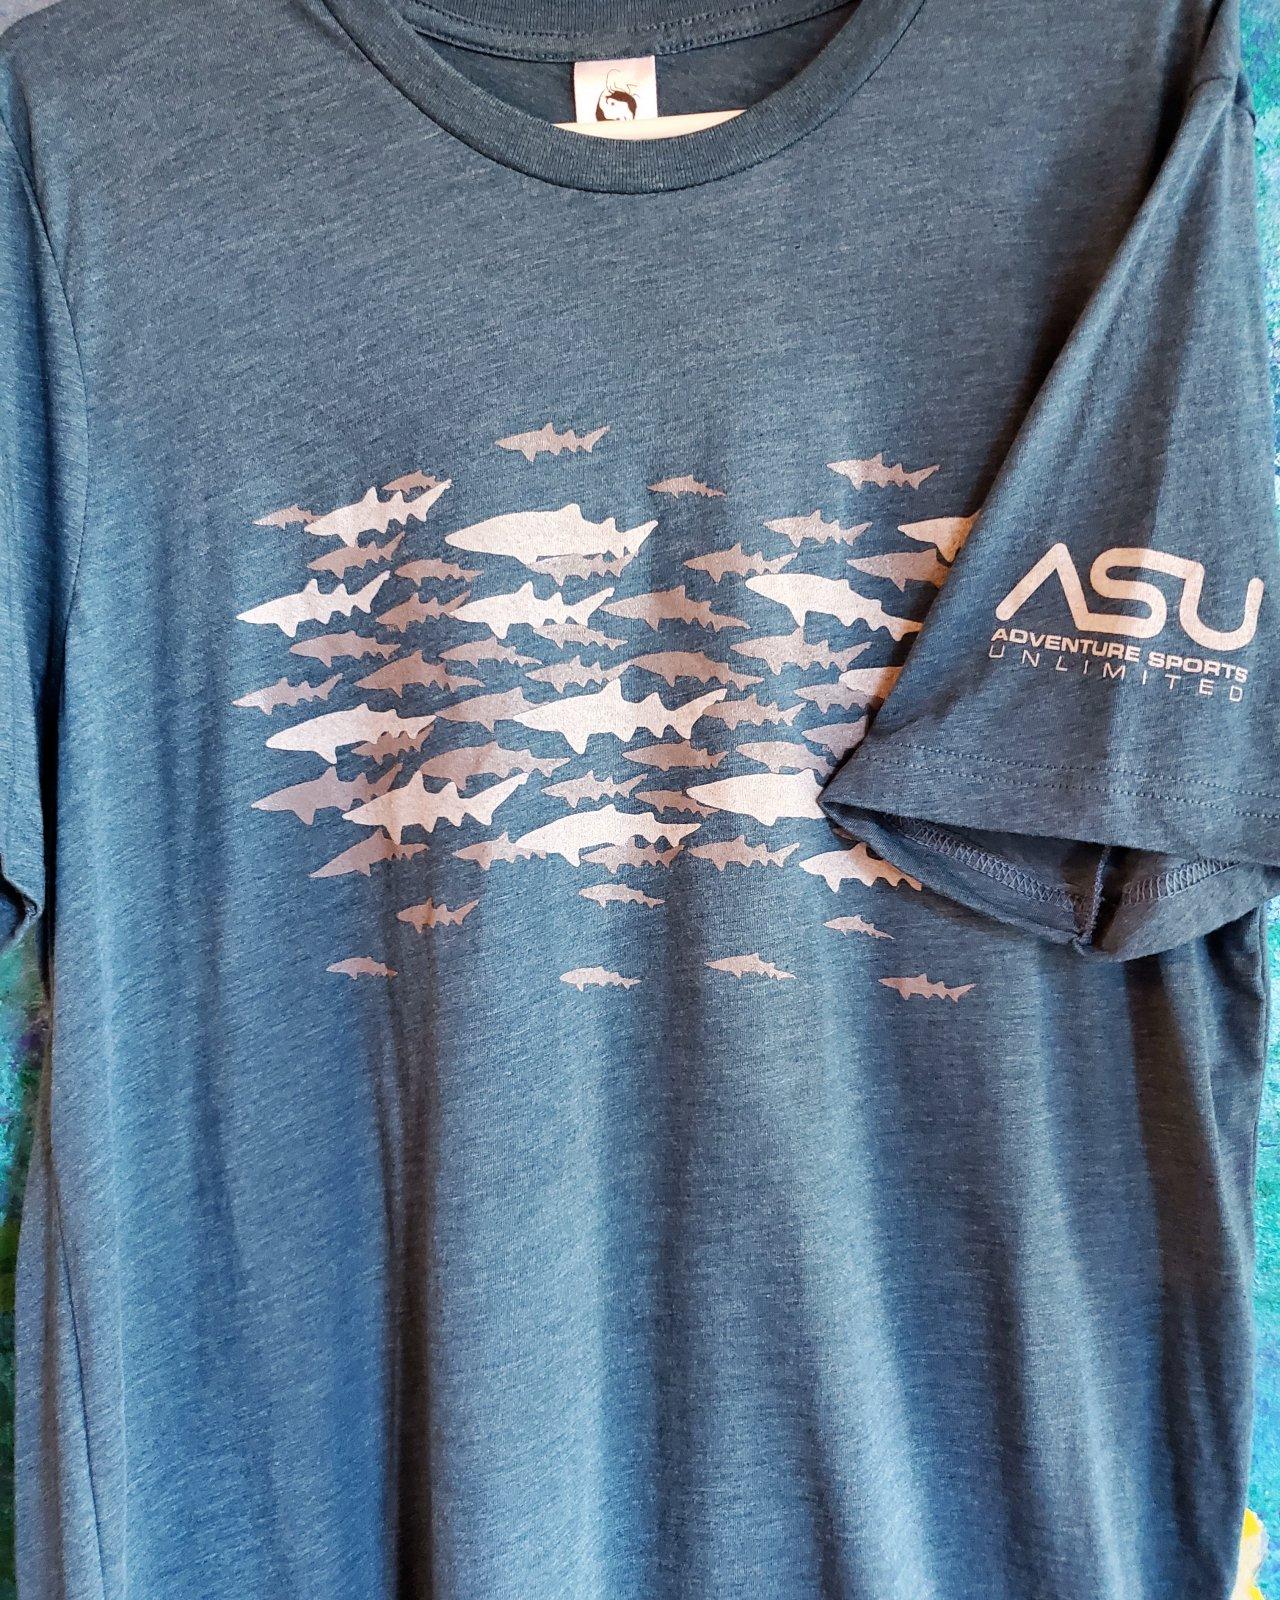 ASU Prawno Shark Shirt Size Large